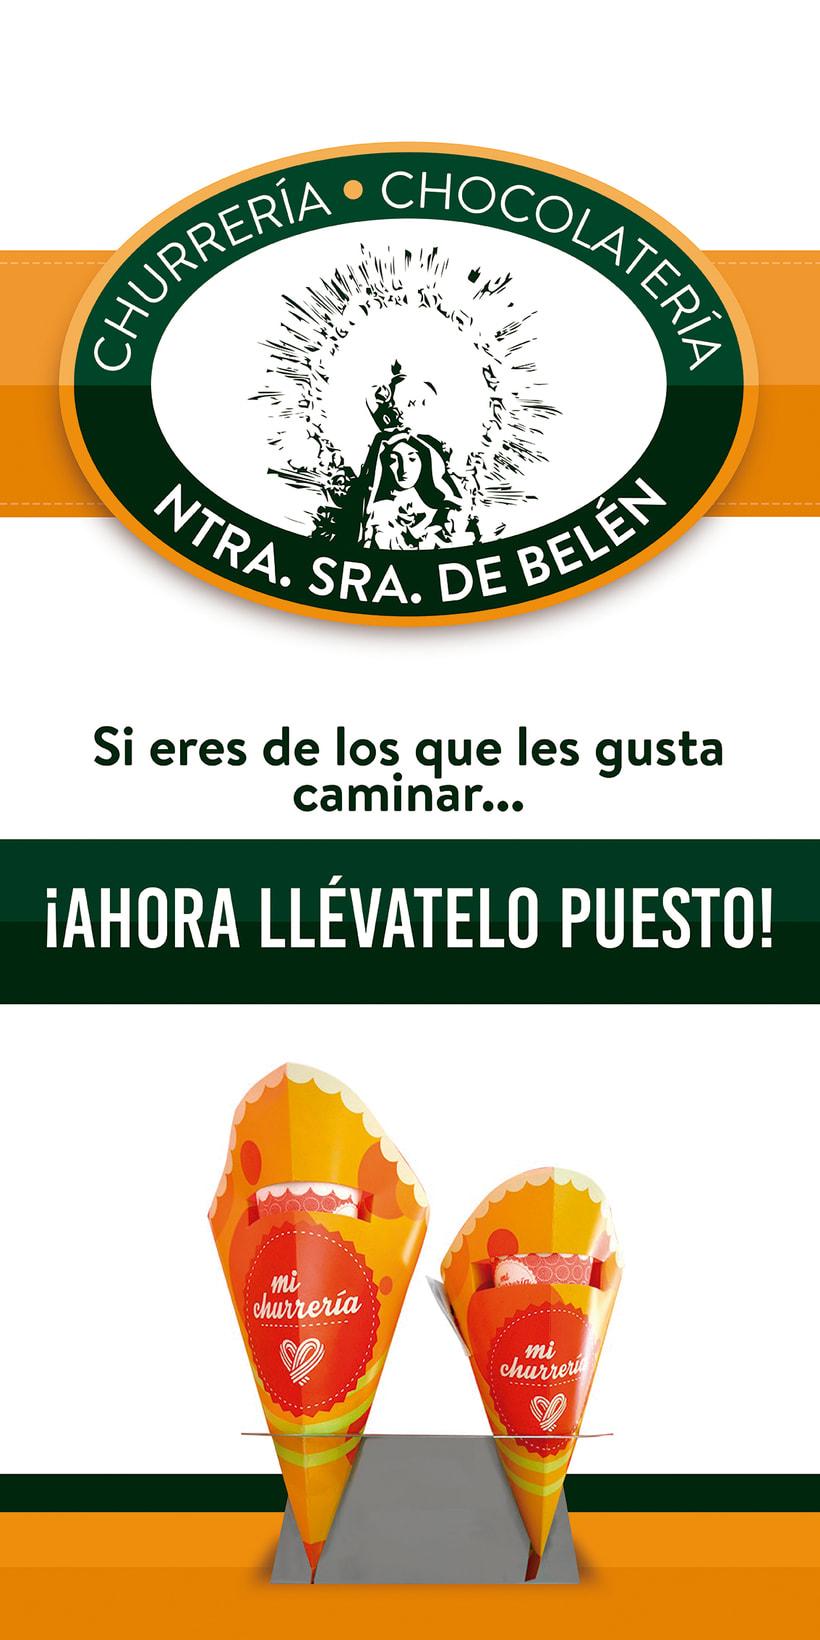 Logotipo Churrería - Chocolatería Nstra. Sra. de Belén 1